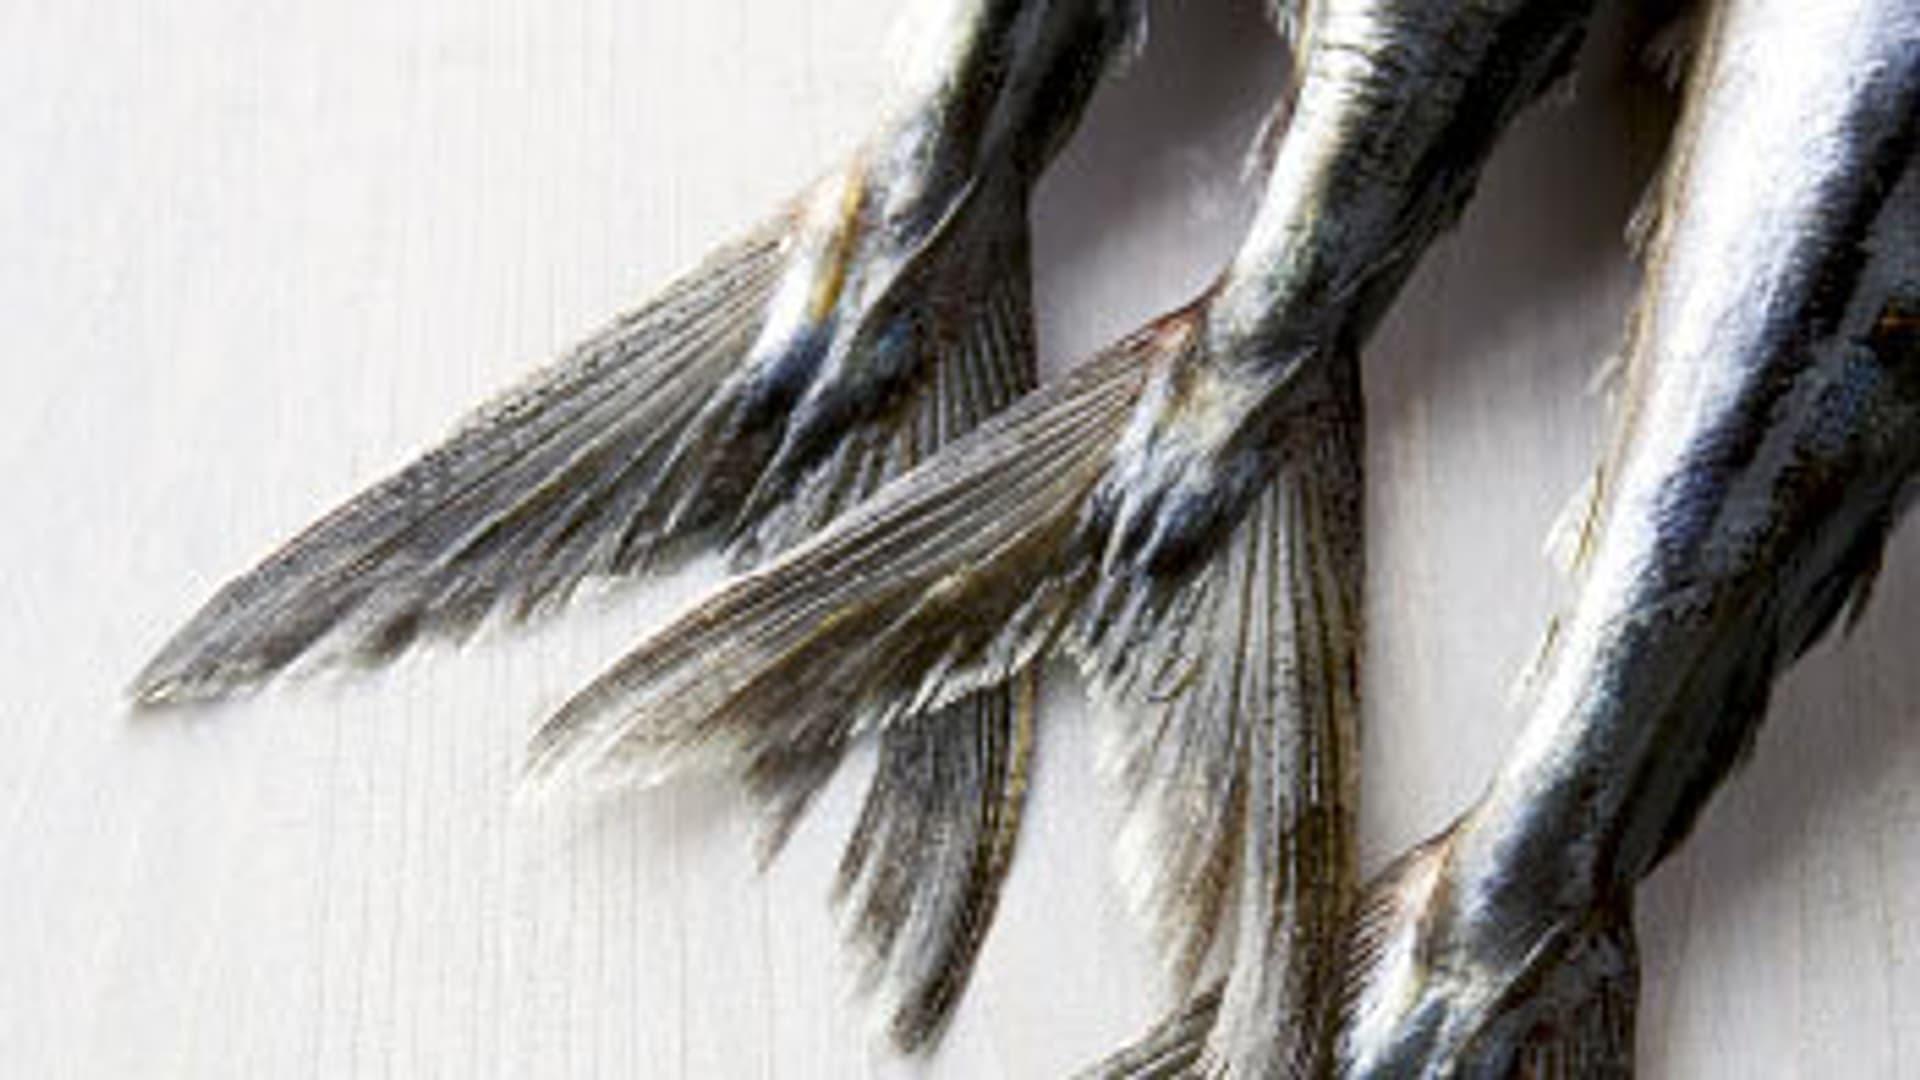 Fisch kl